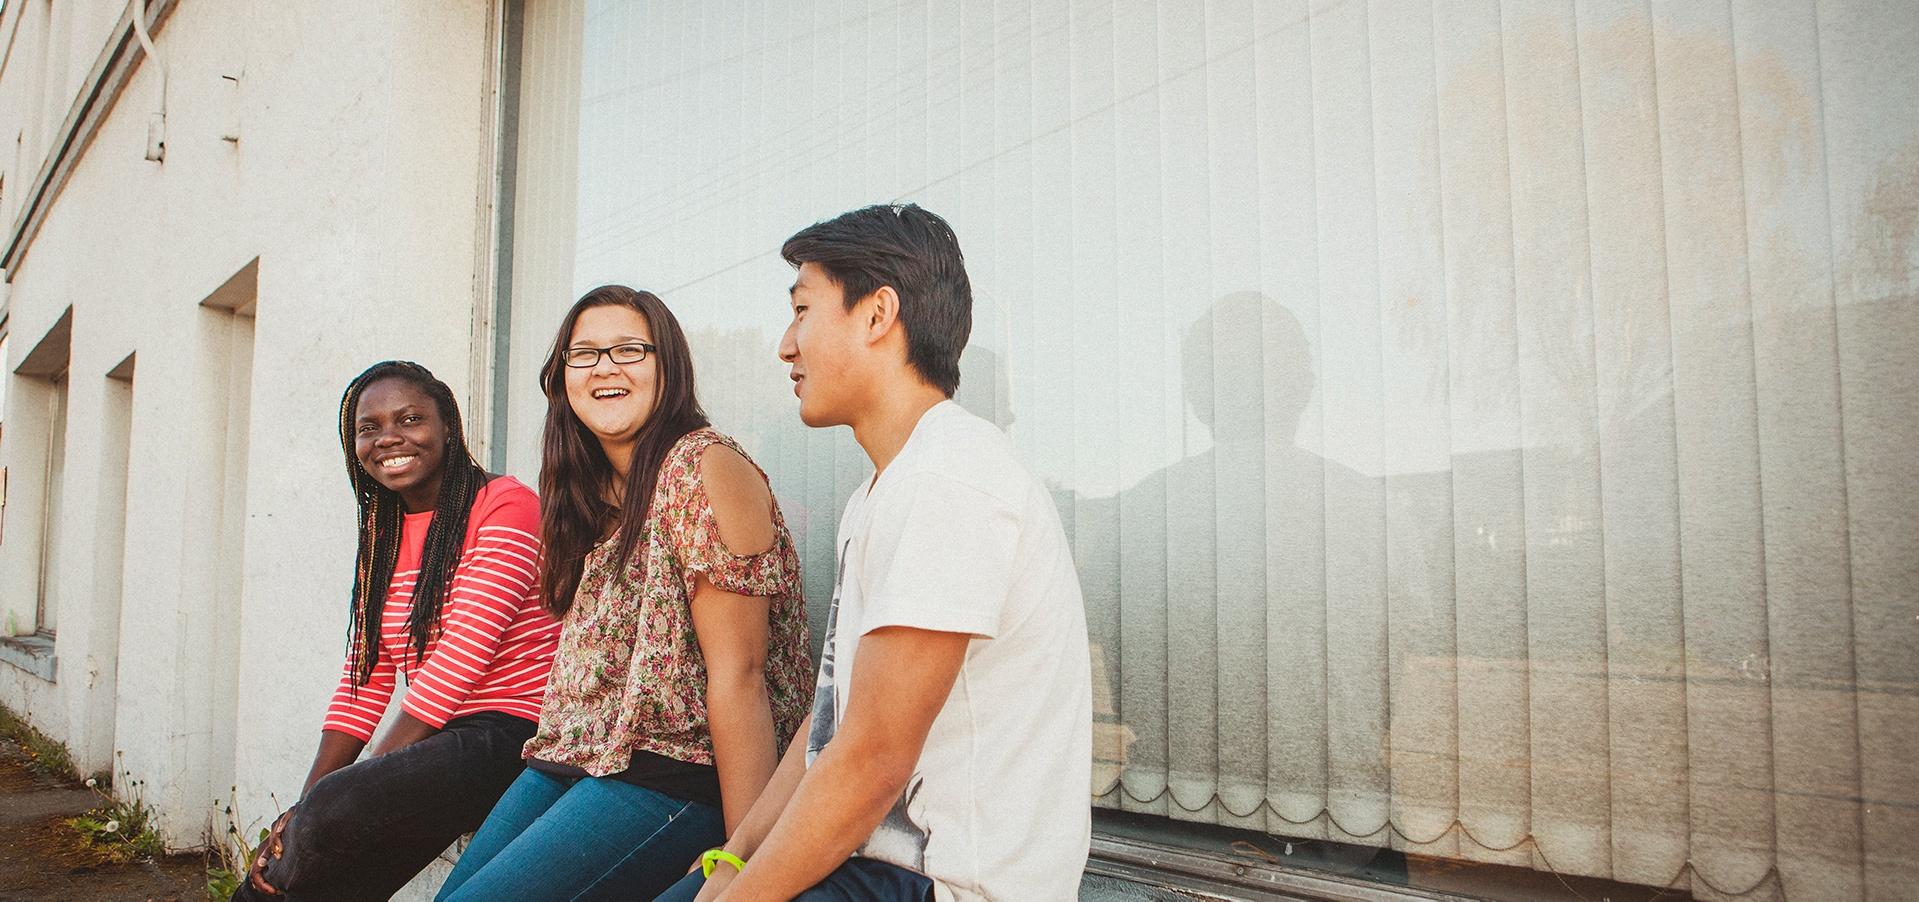 Kolme opiskelijaa istuu ulkona ikkunan vieressä.